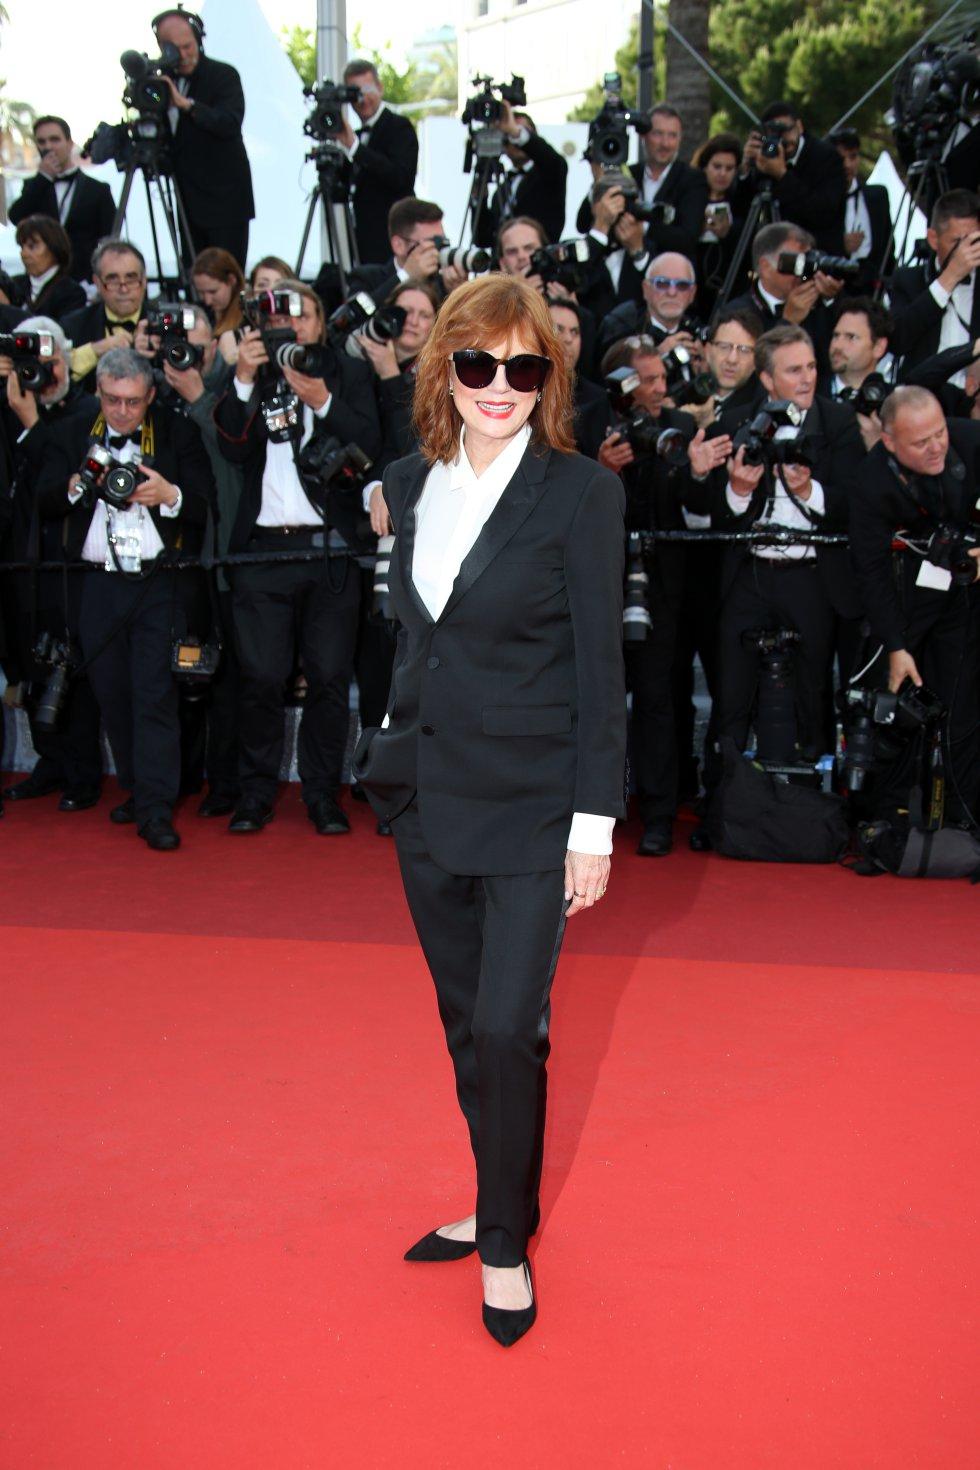 Susan Sarandones, actriz y productora estadounidense de cine y televisión. Ganadora del Óscar, Premio del Sindicato de Actores y BAFTA a la mejor actriz.